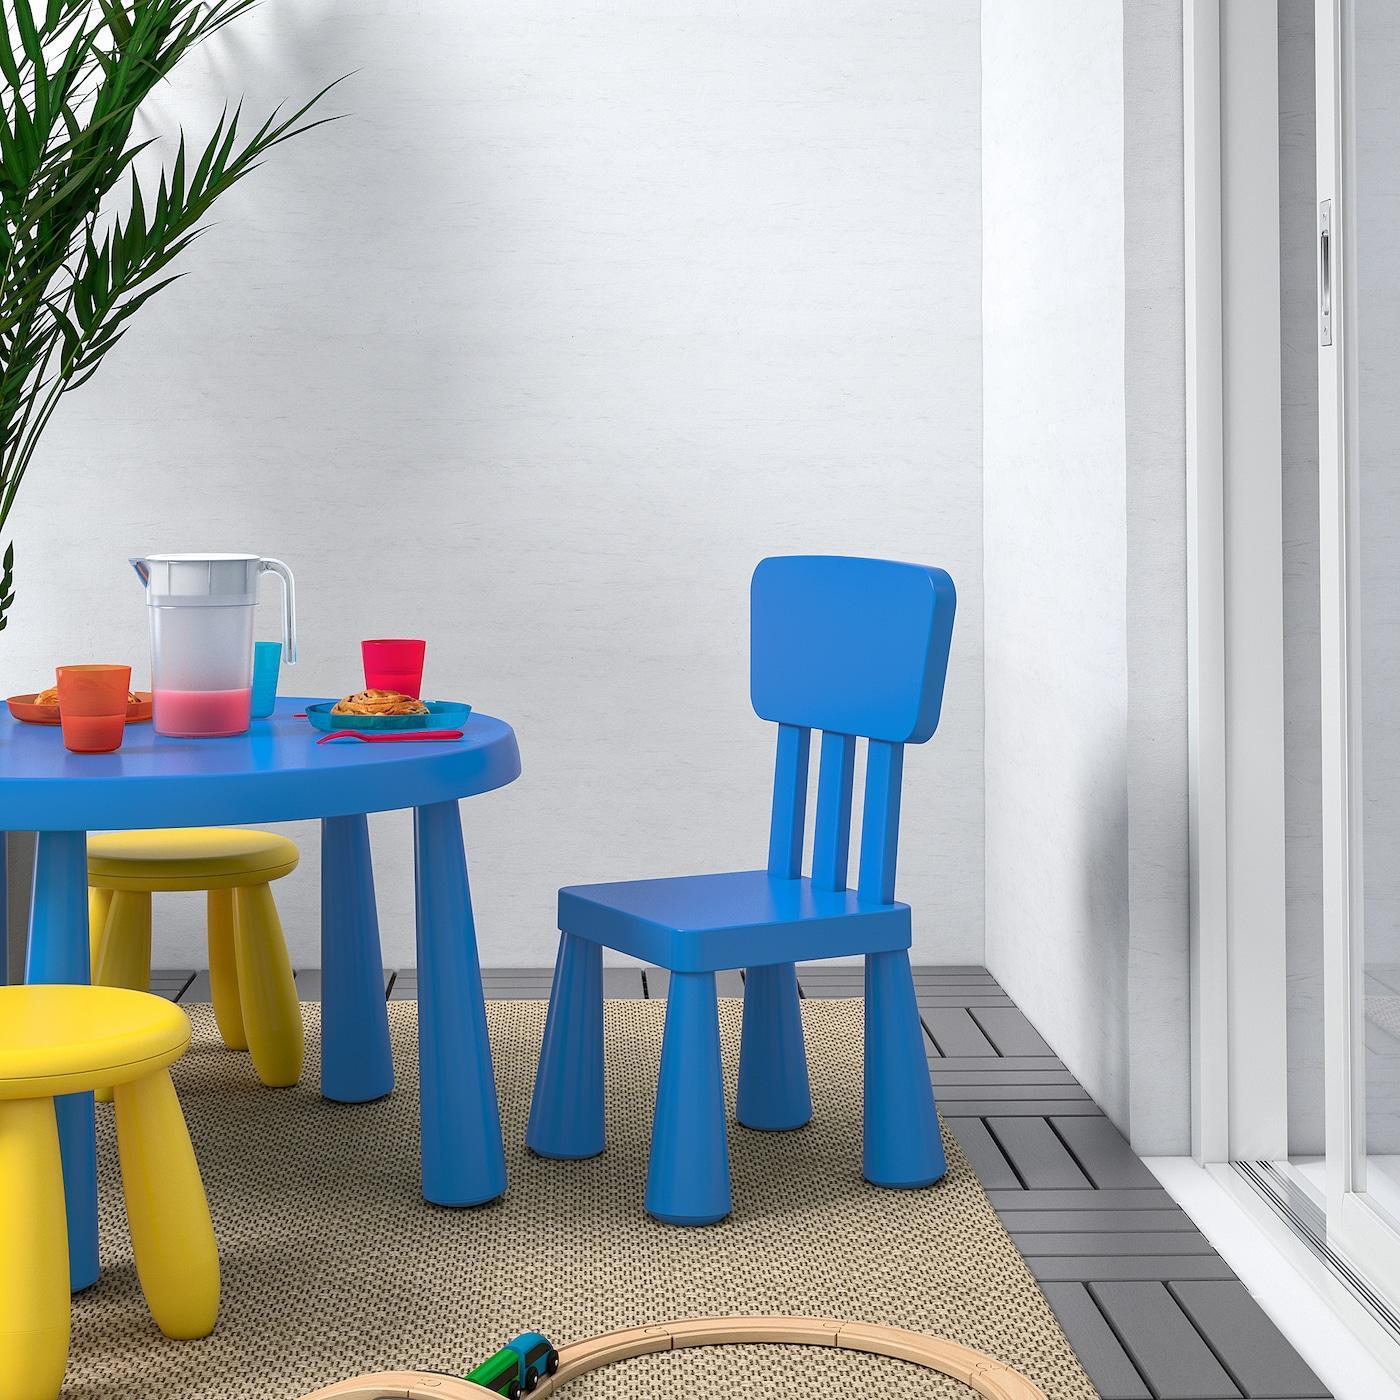 МАММУТ дитячий стілець для приміщення/вулиці/синій 39 см 36 см 67 см 26 см 30 см